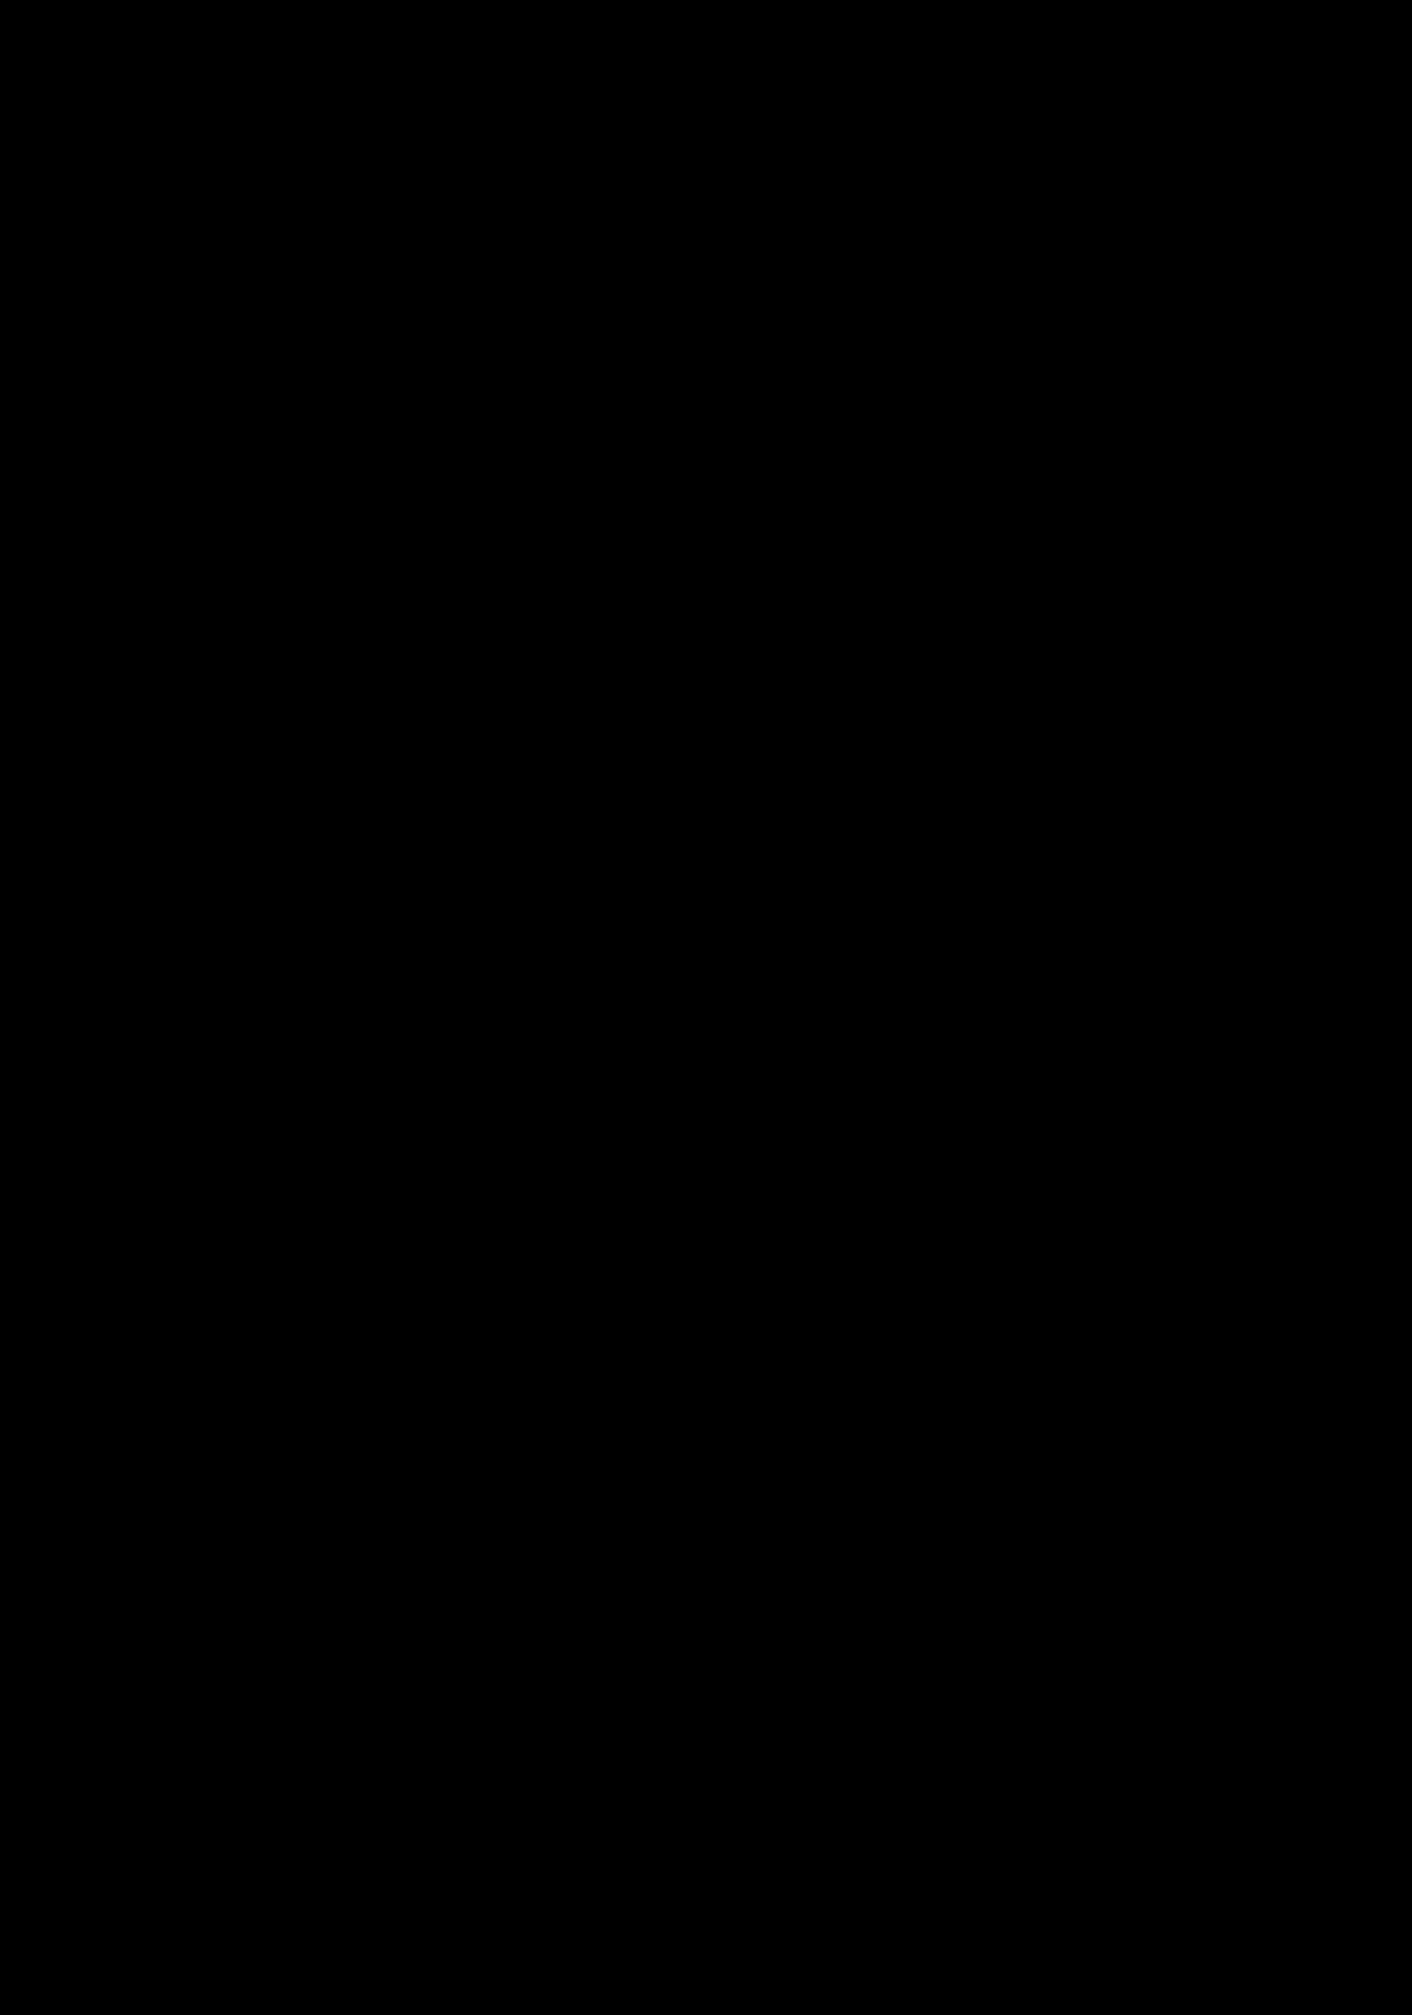 آرم سیاه